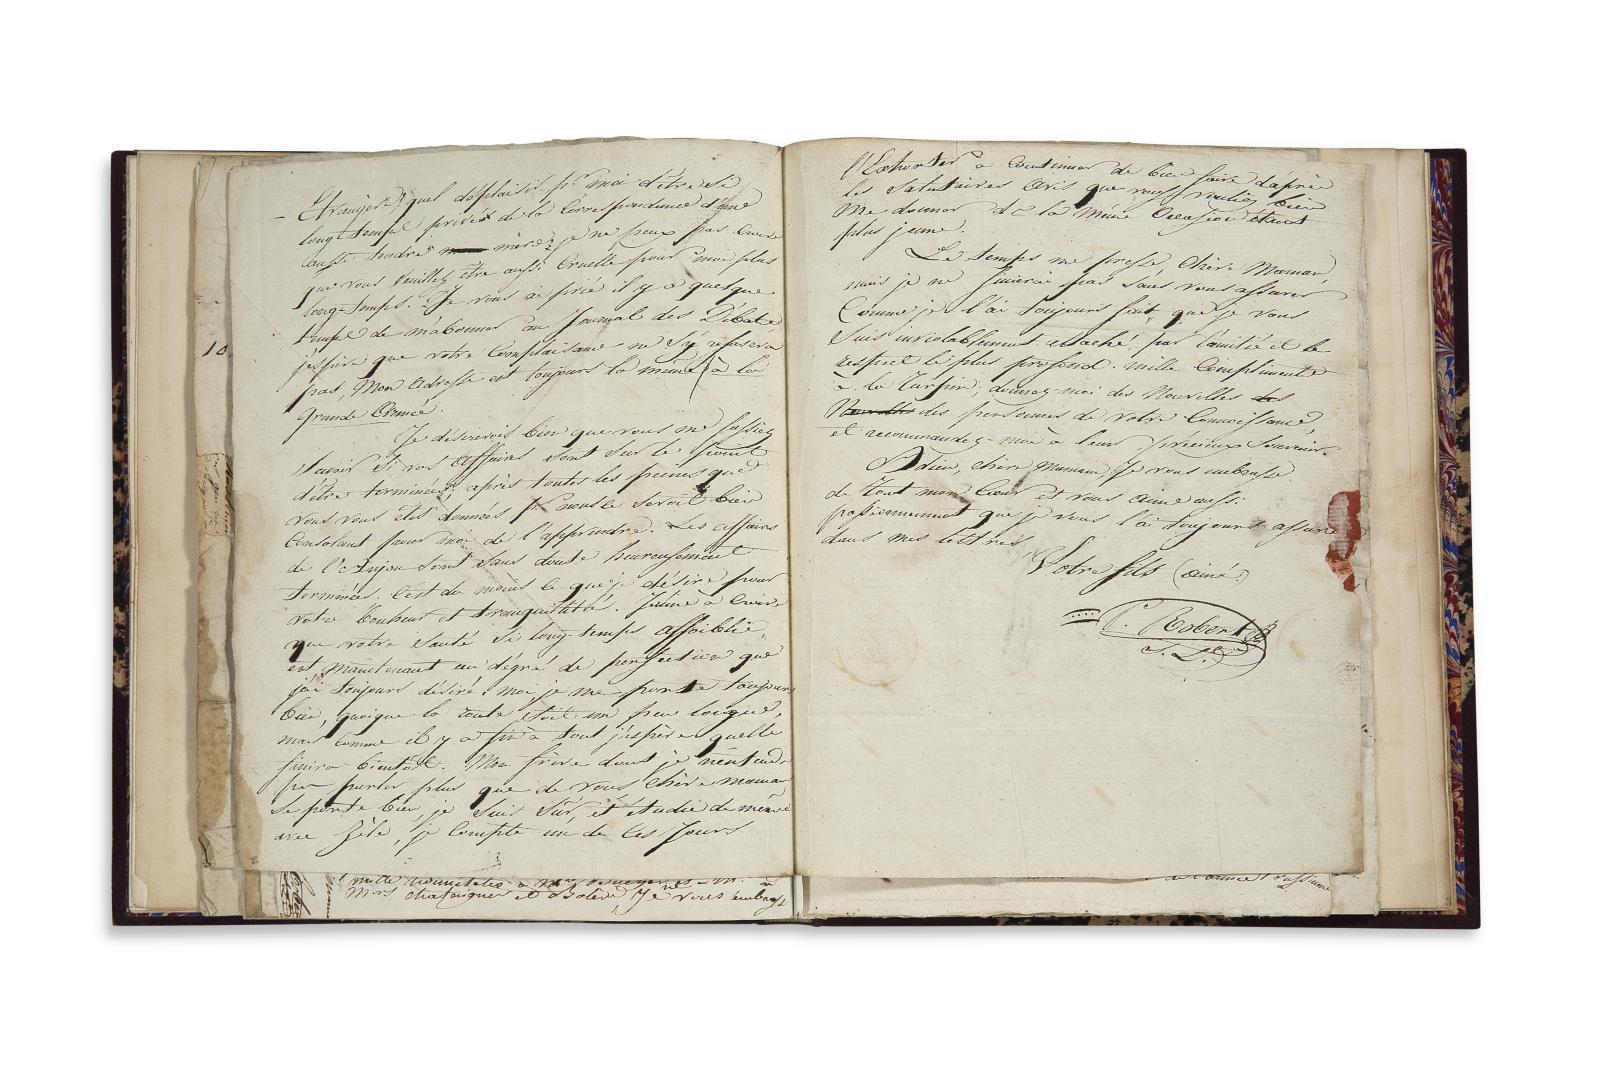 41 lettres autographes signées d'un soldatde la Grand Armée à sa famille, 1803-1806,le tout monté sur onglet dans un volume. Neuilly, 19